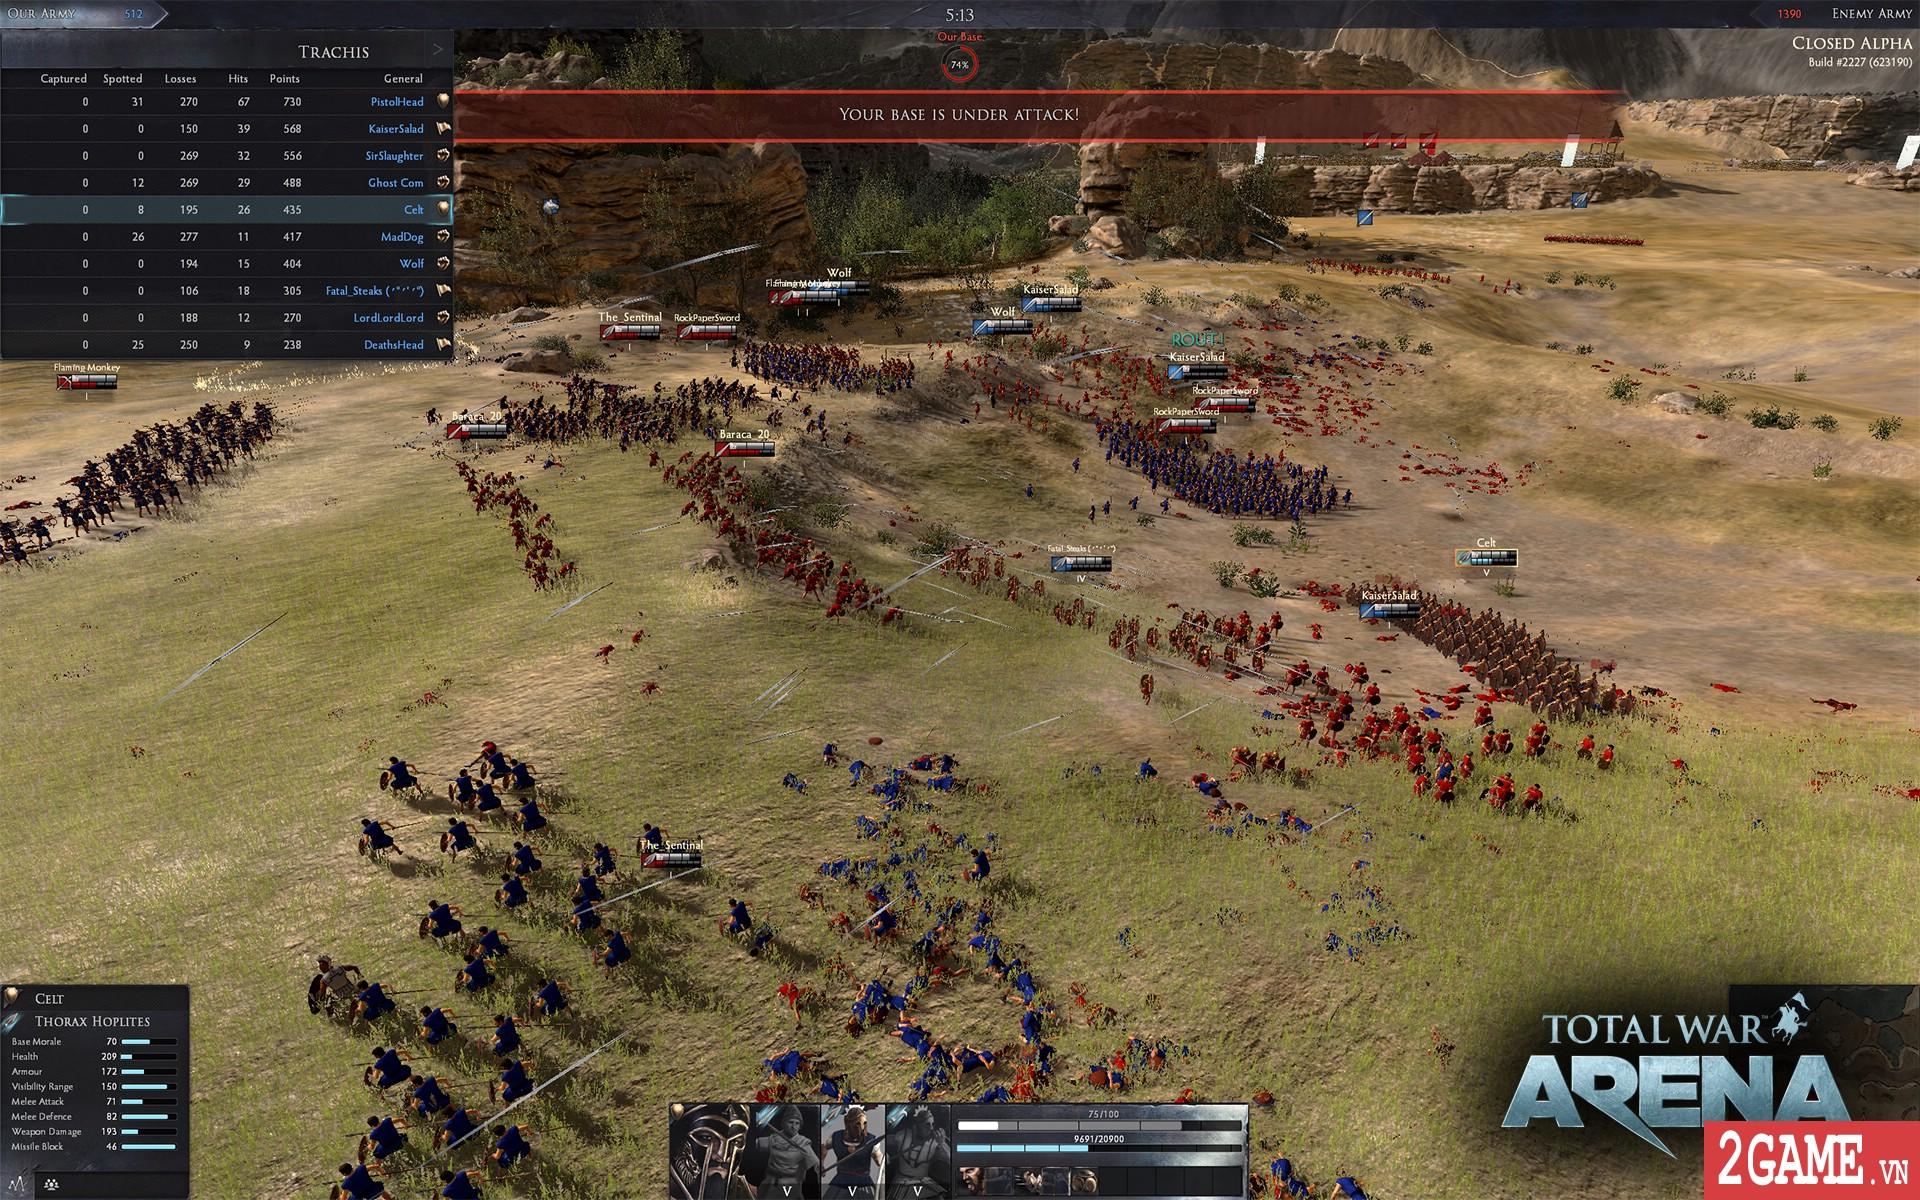 Total War: Arena - Game chiến thuật 3D quy mô bậc nhất trên PC bất ngờ cho chơi miễn phí hoàn toàn 0